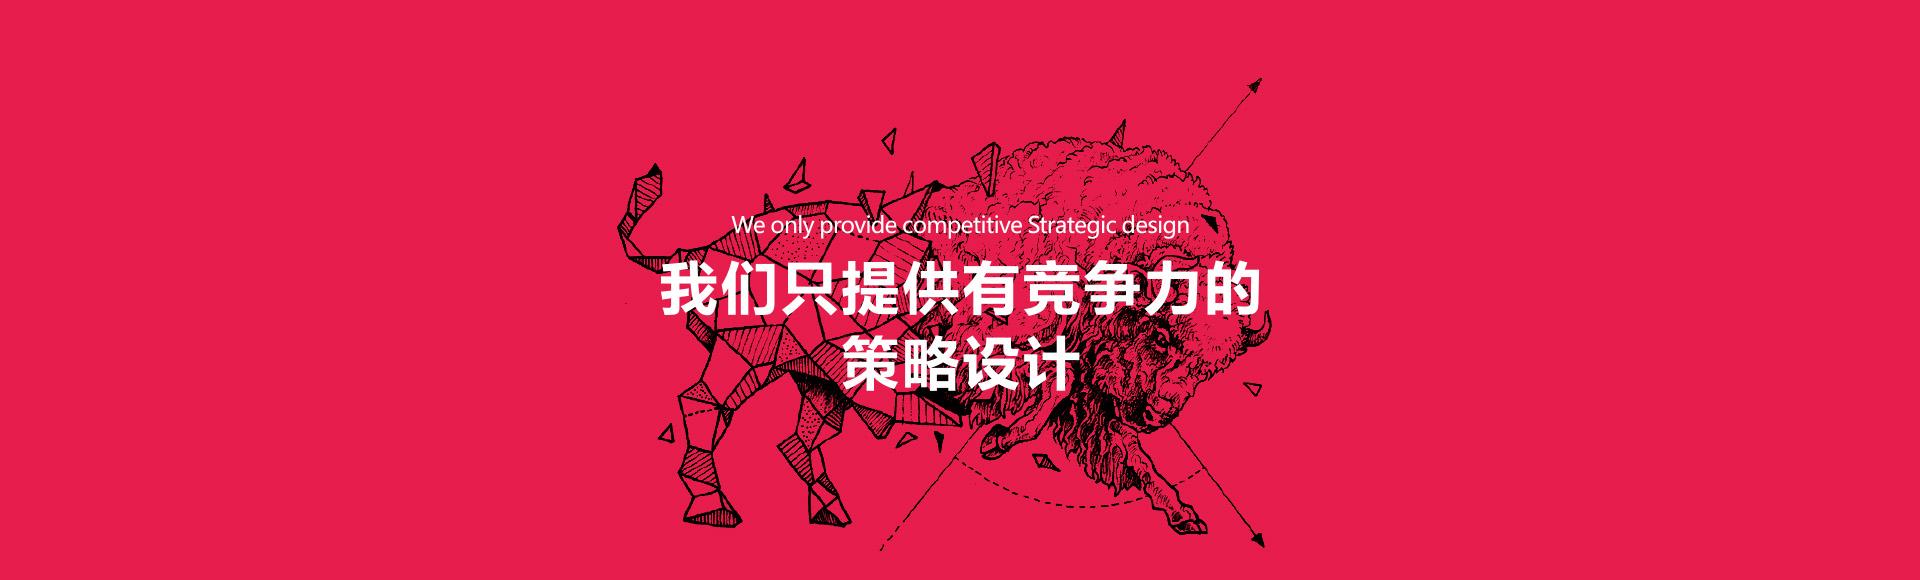 亚搏官网平台登录设计PC端网站亚搏官网平台登录优势栏目banner